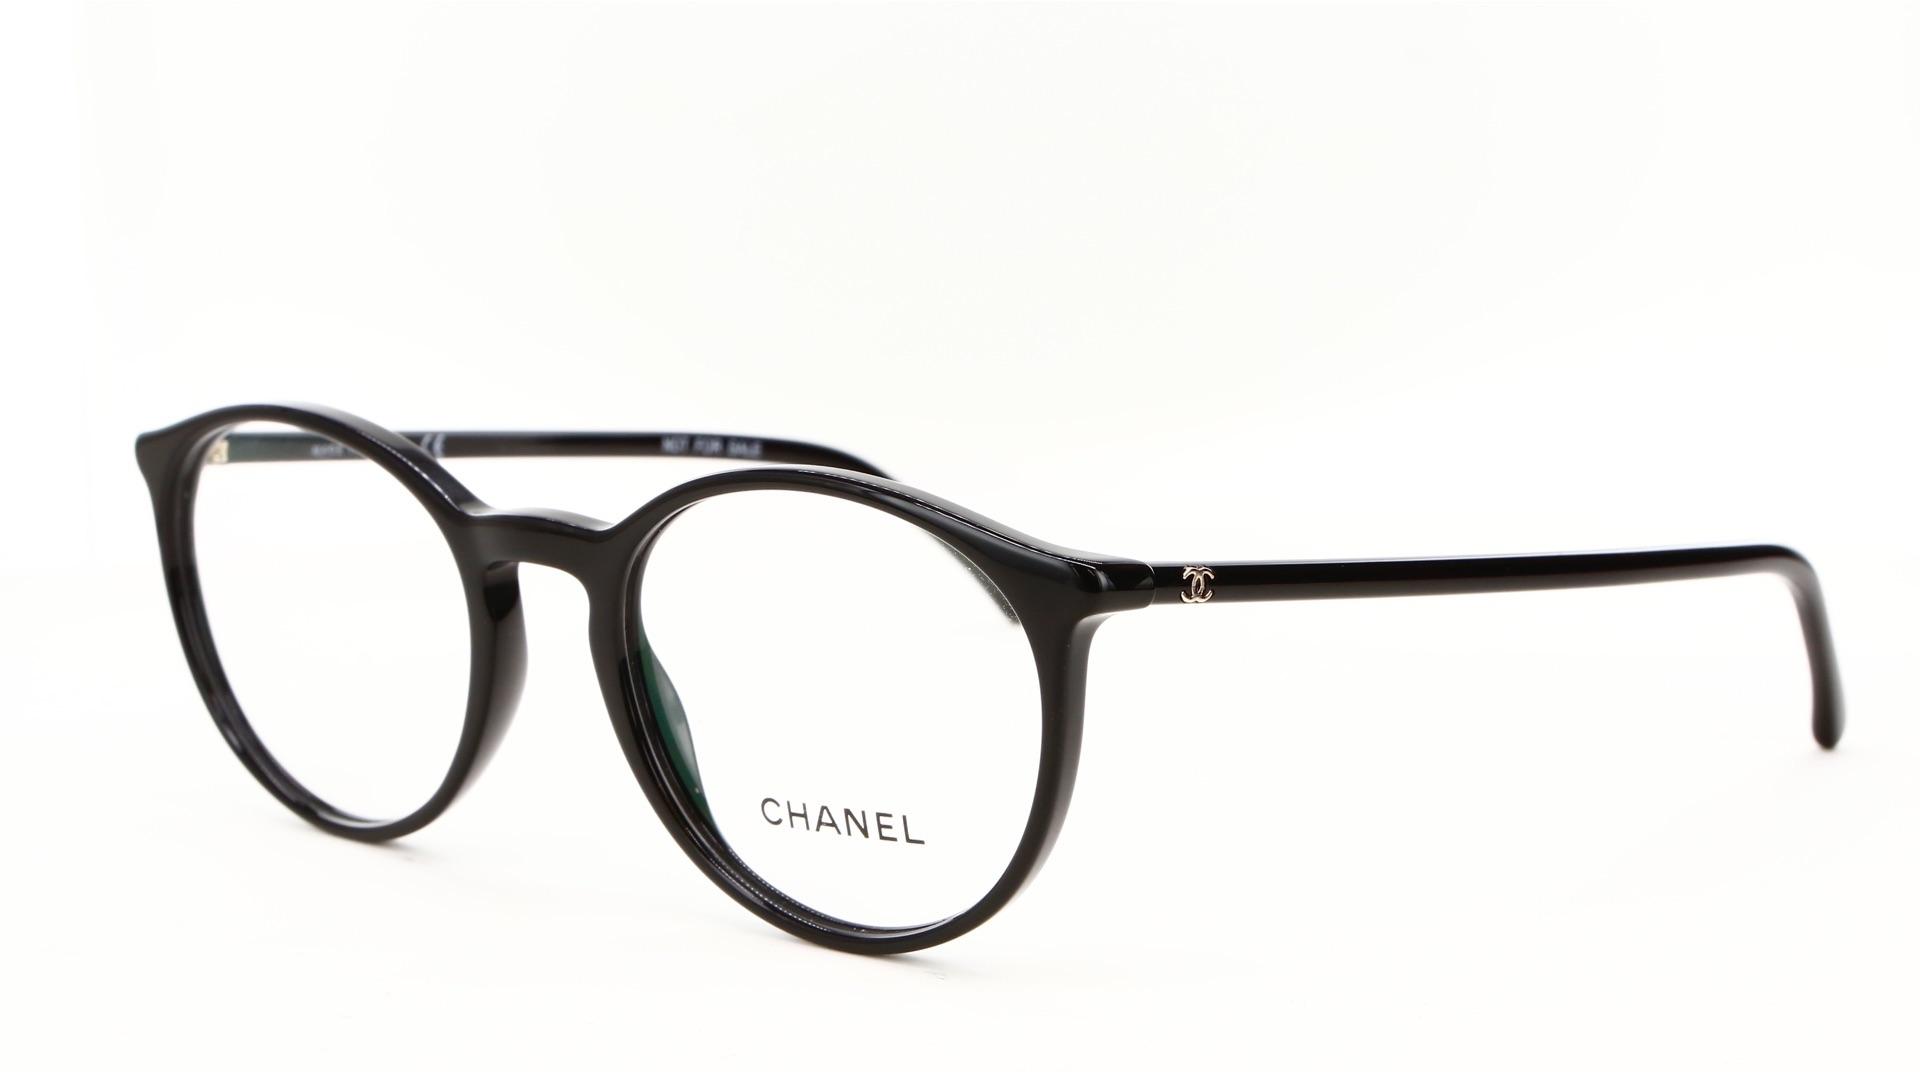 Chanel - ref: 79248